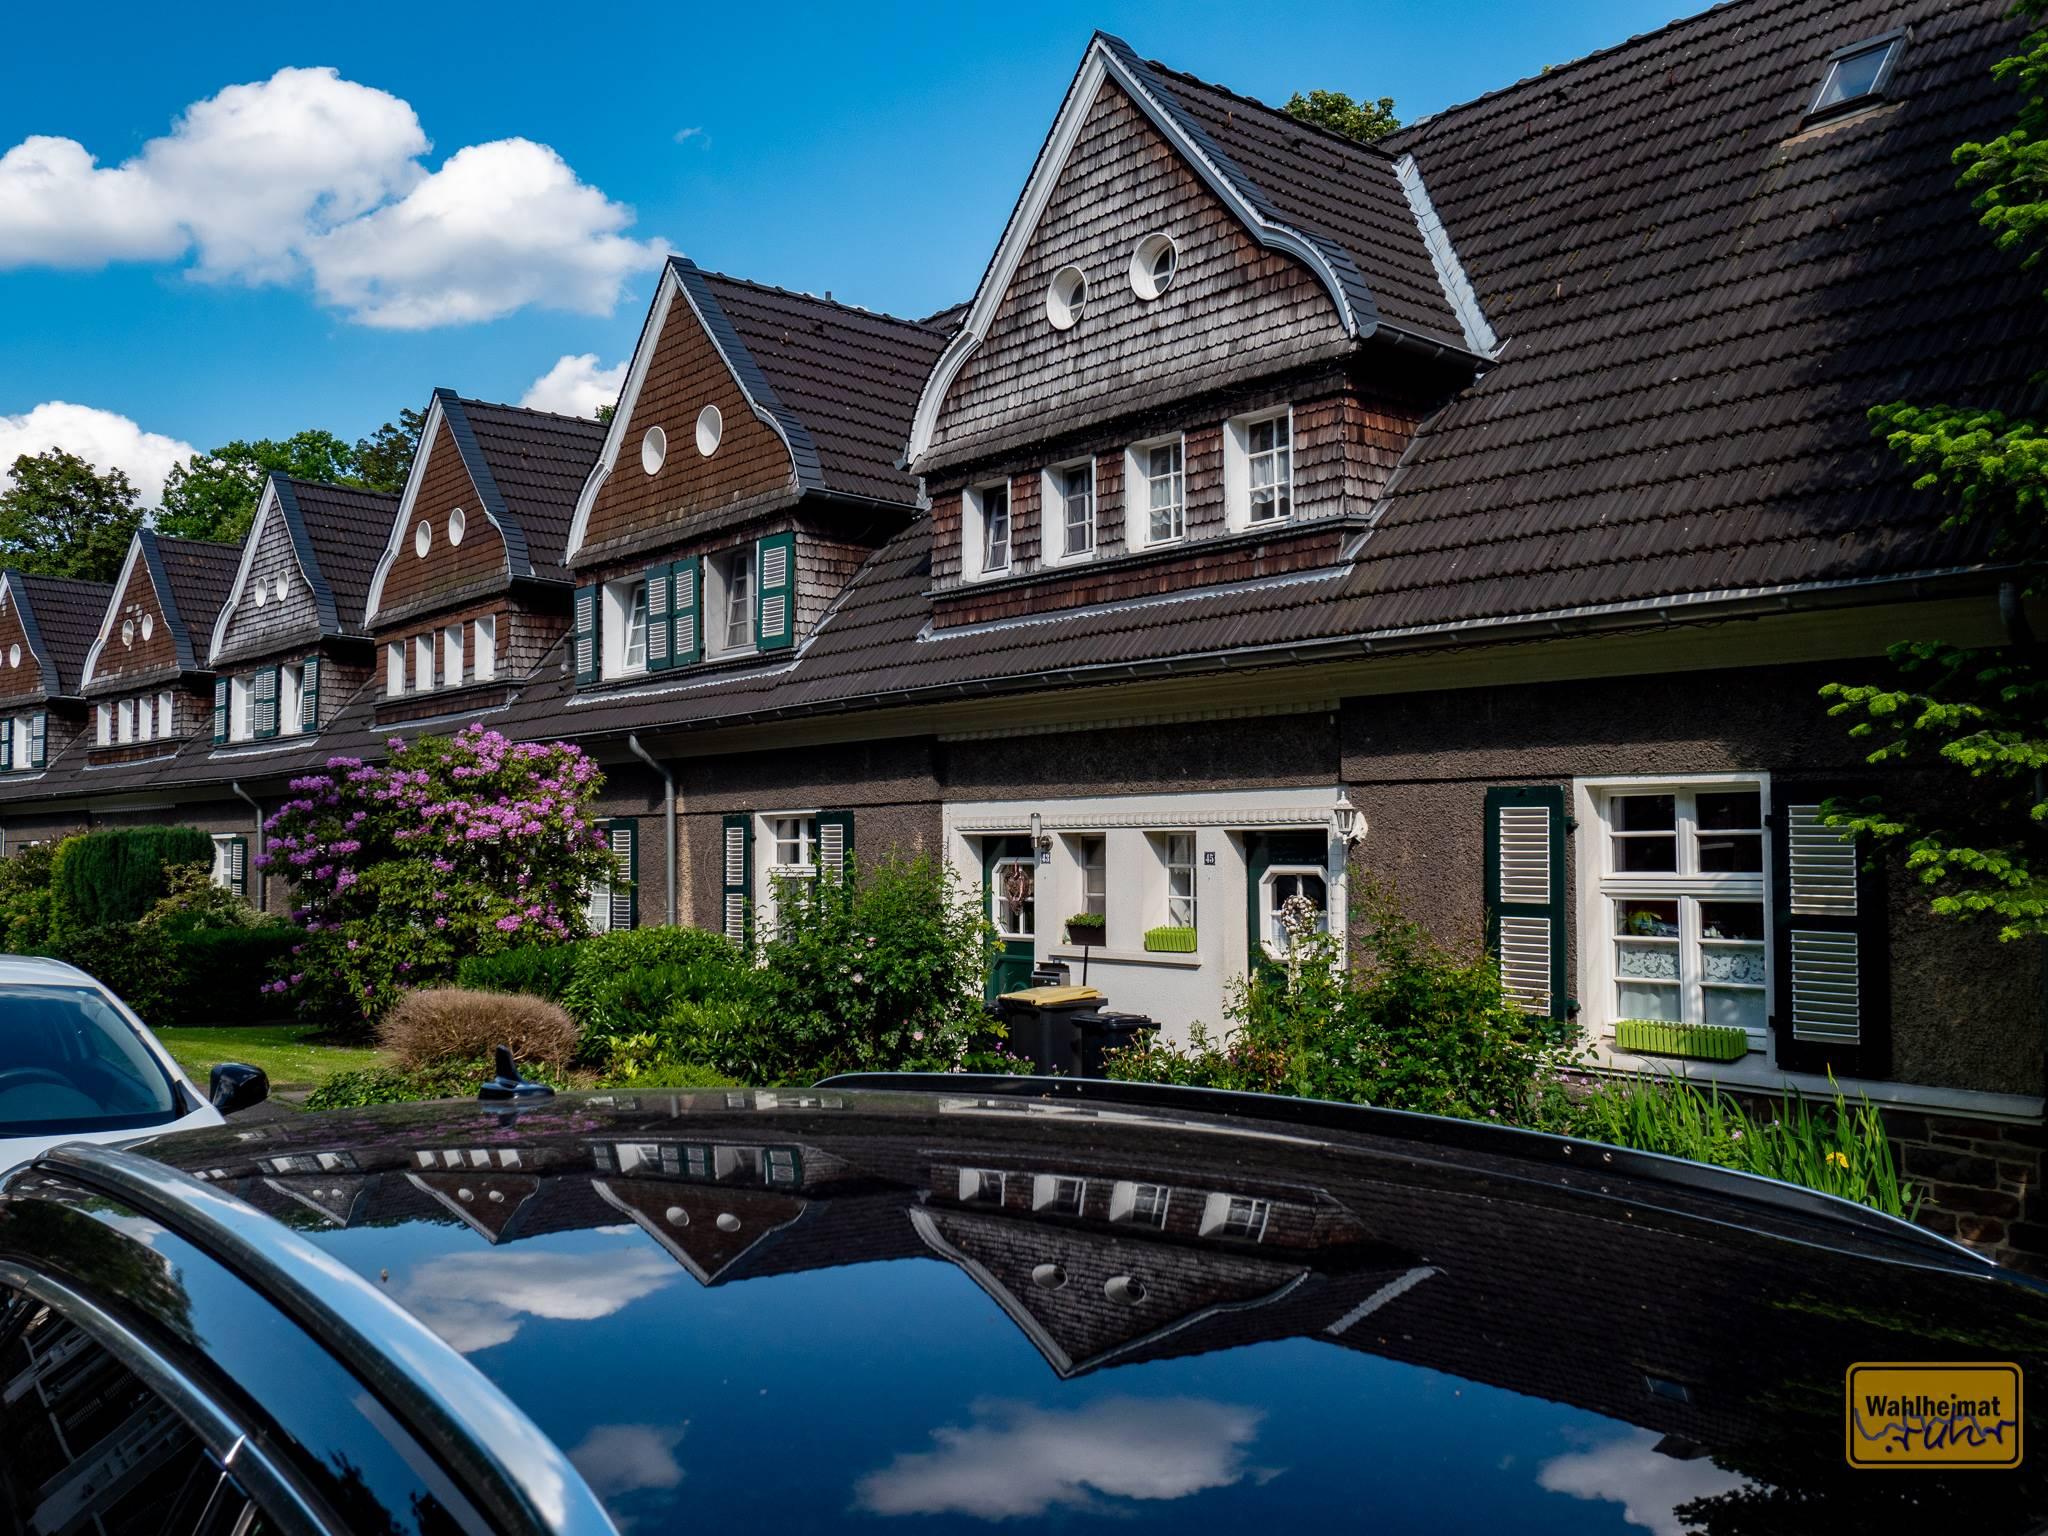 Dachgiebel reiht sich an Dachgiebel, typisch für viele Gartenhaus-Siedlungen, wie hier in der Margarethenhöhe Essen.